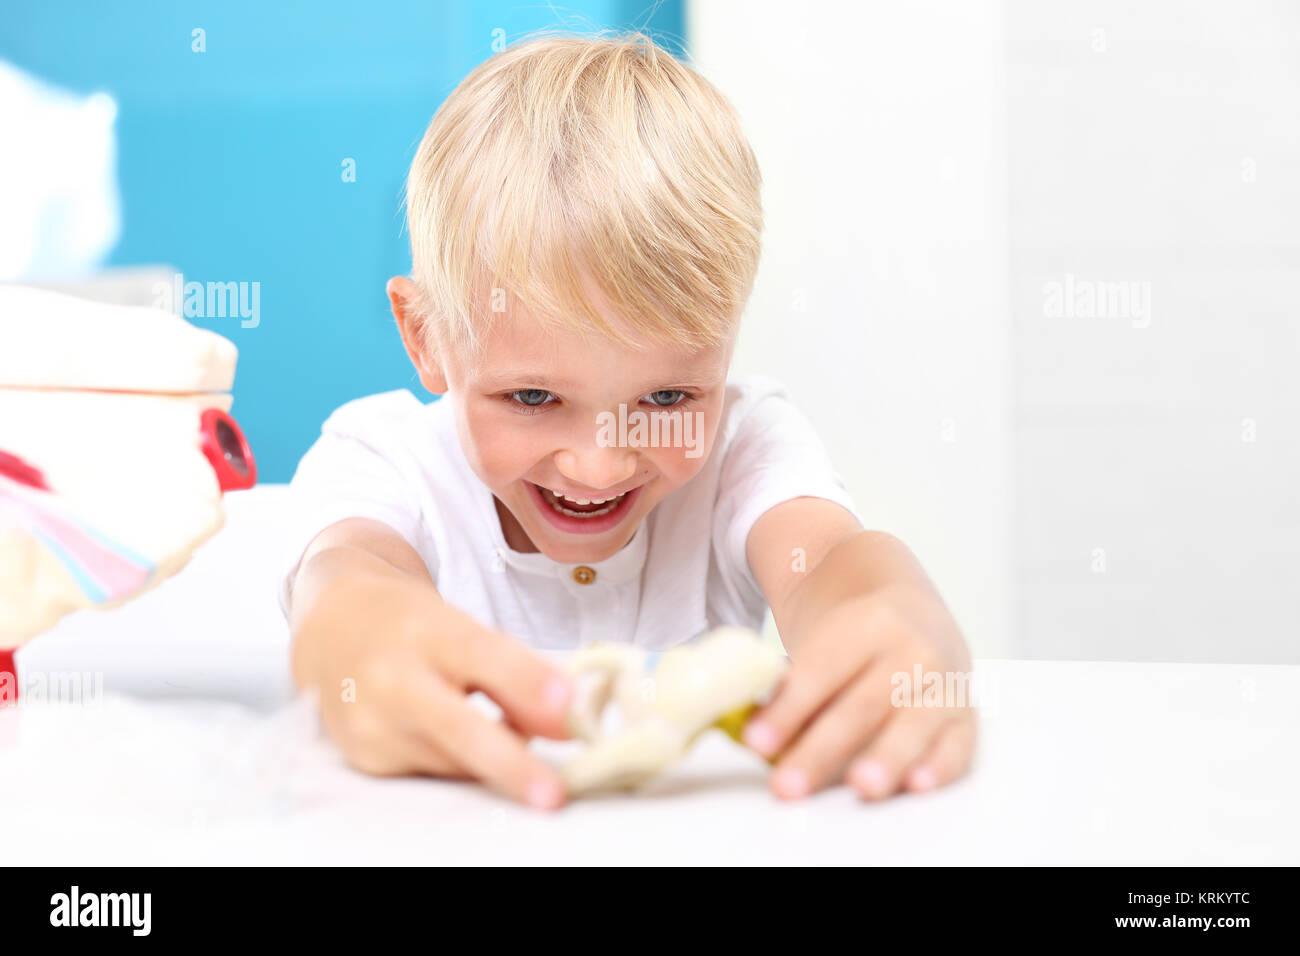 Lekcja anatomii. Budowa człowieka. Dzieci oglądają model ludzkiego serca. - Stock Image